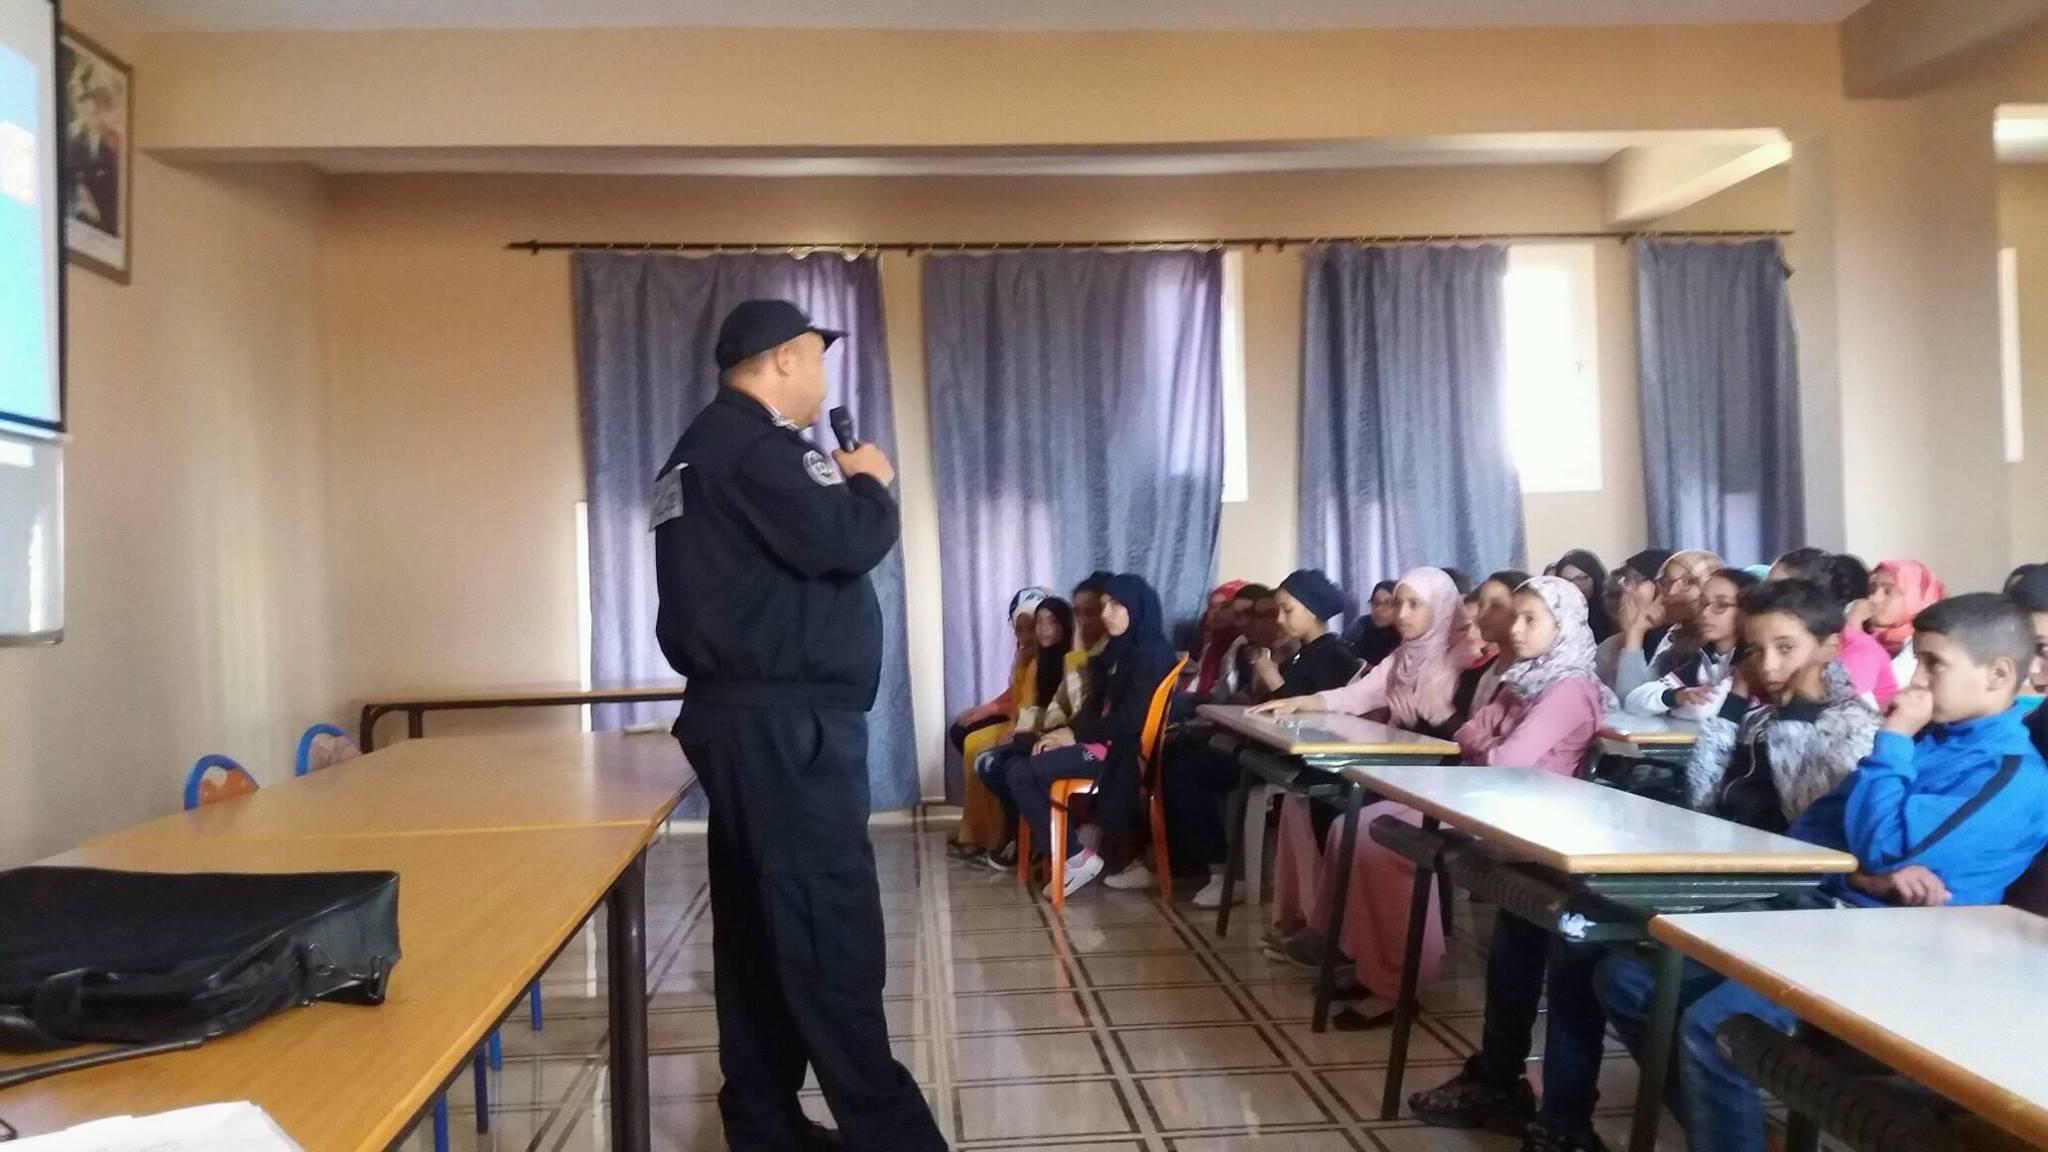 تيزنيت : ثانوية النور الاعدادية تحتضن حملة تحسيسية حول العنف المدرسي